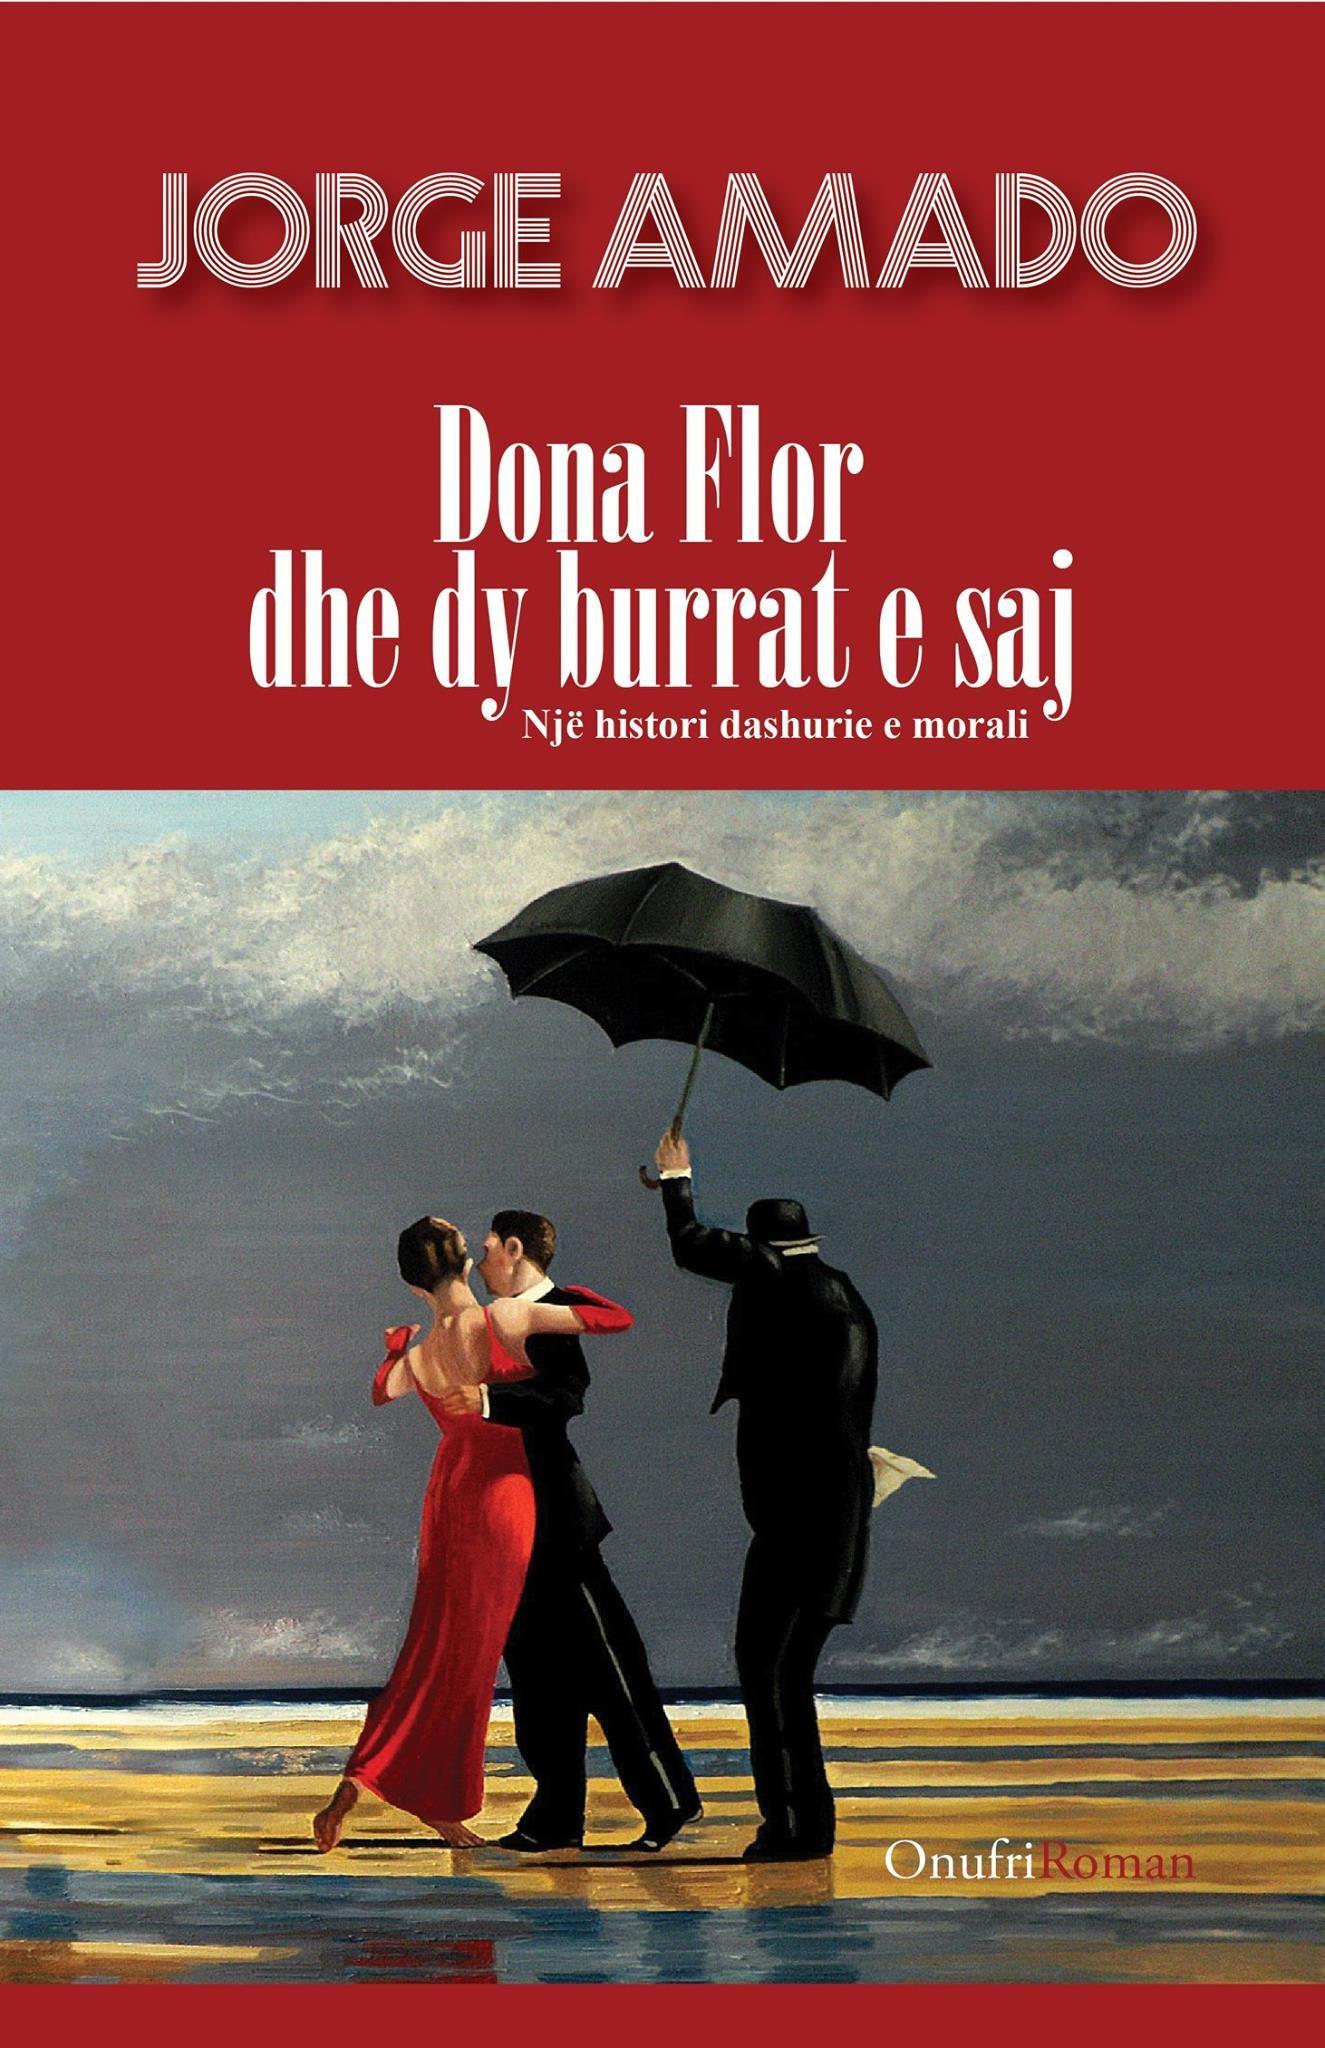 Dona Flor dhe dy burrat e saj – soft cover